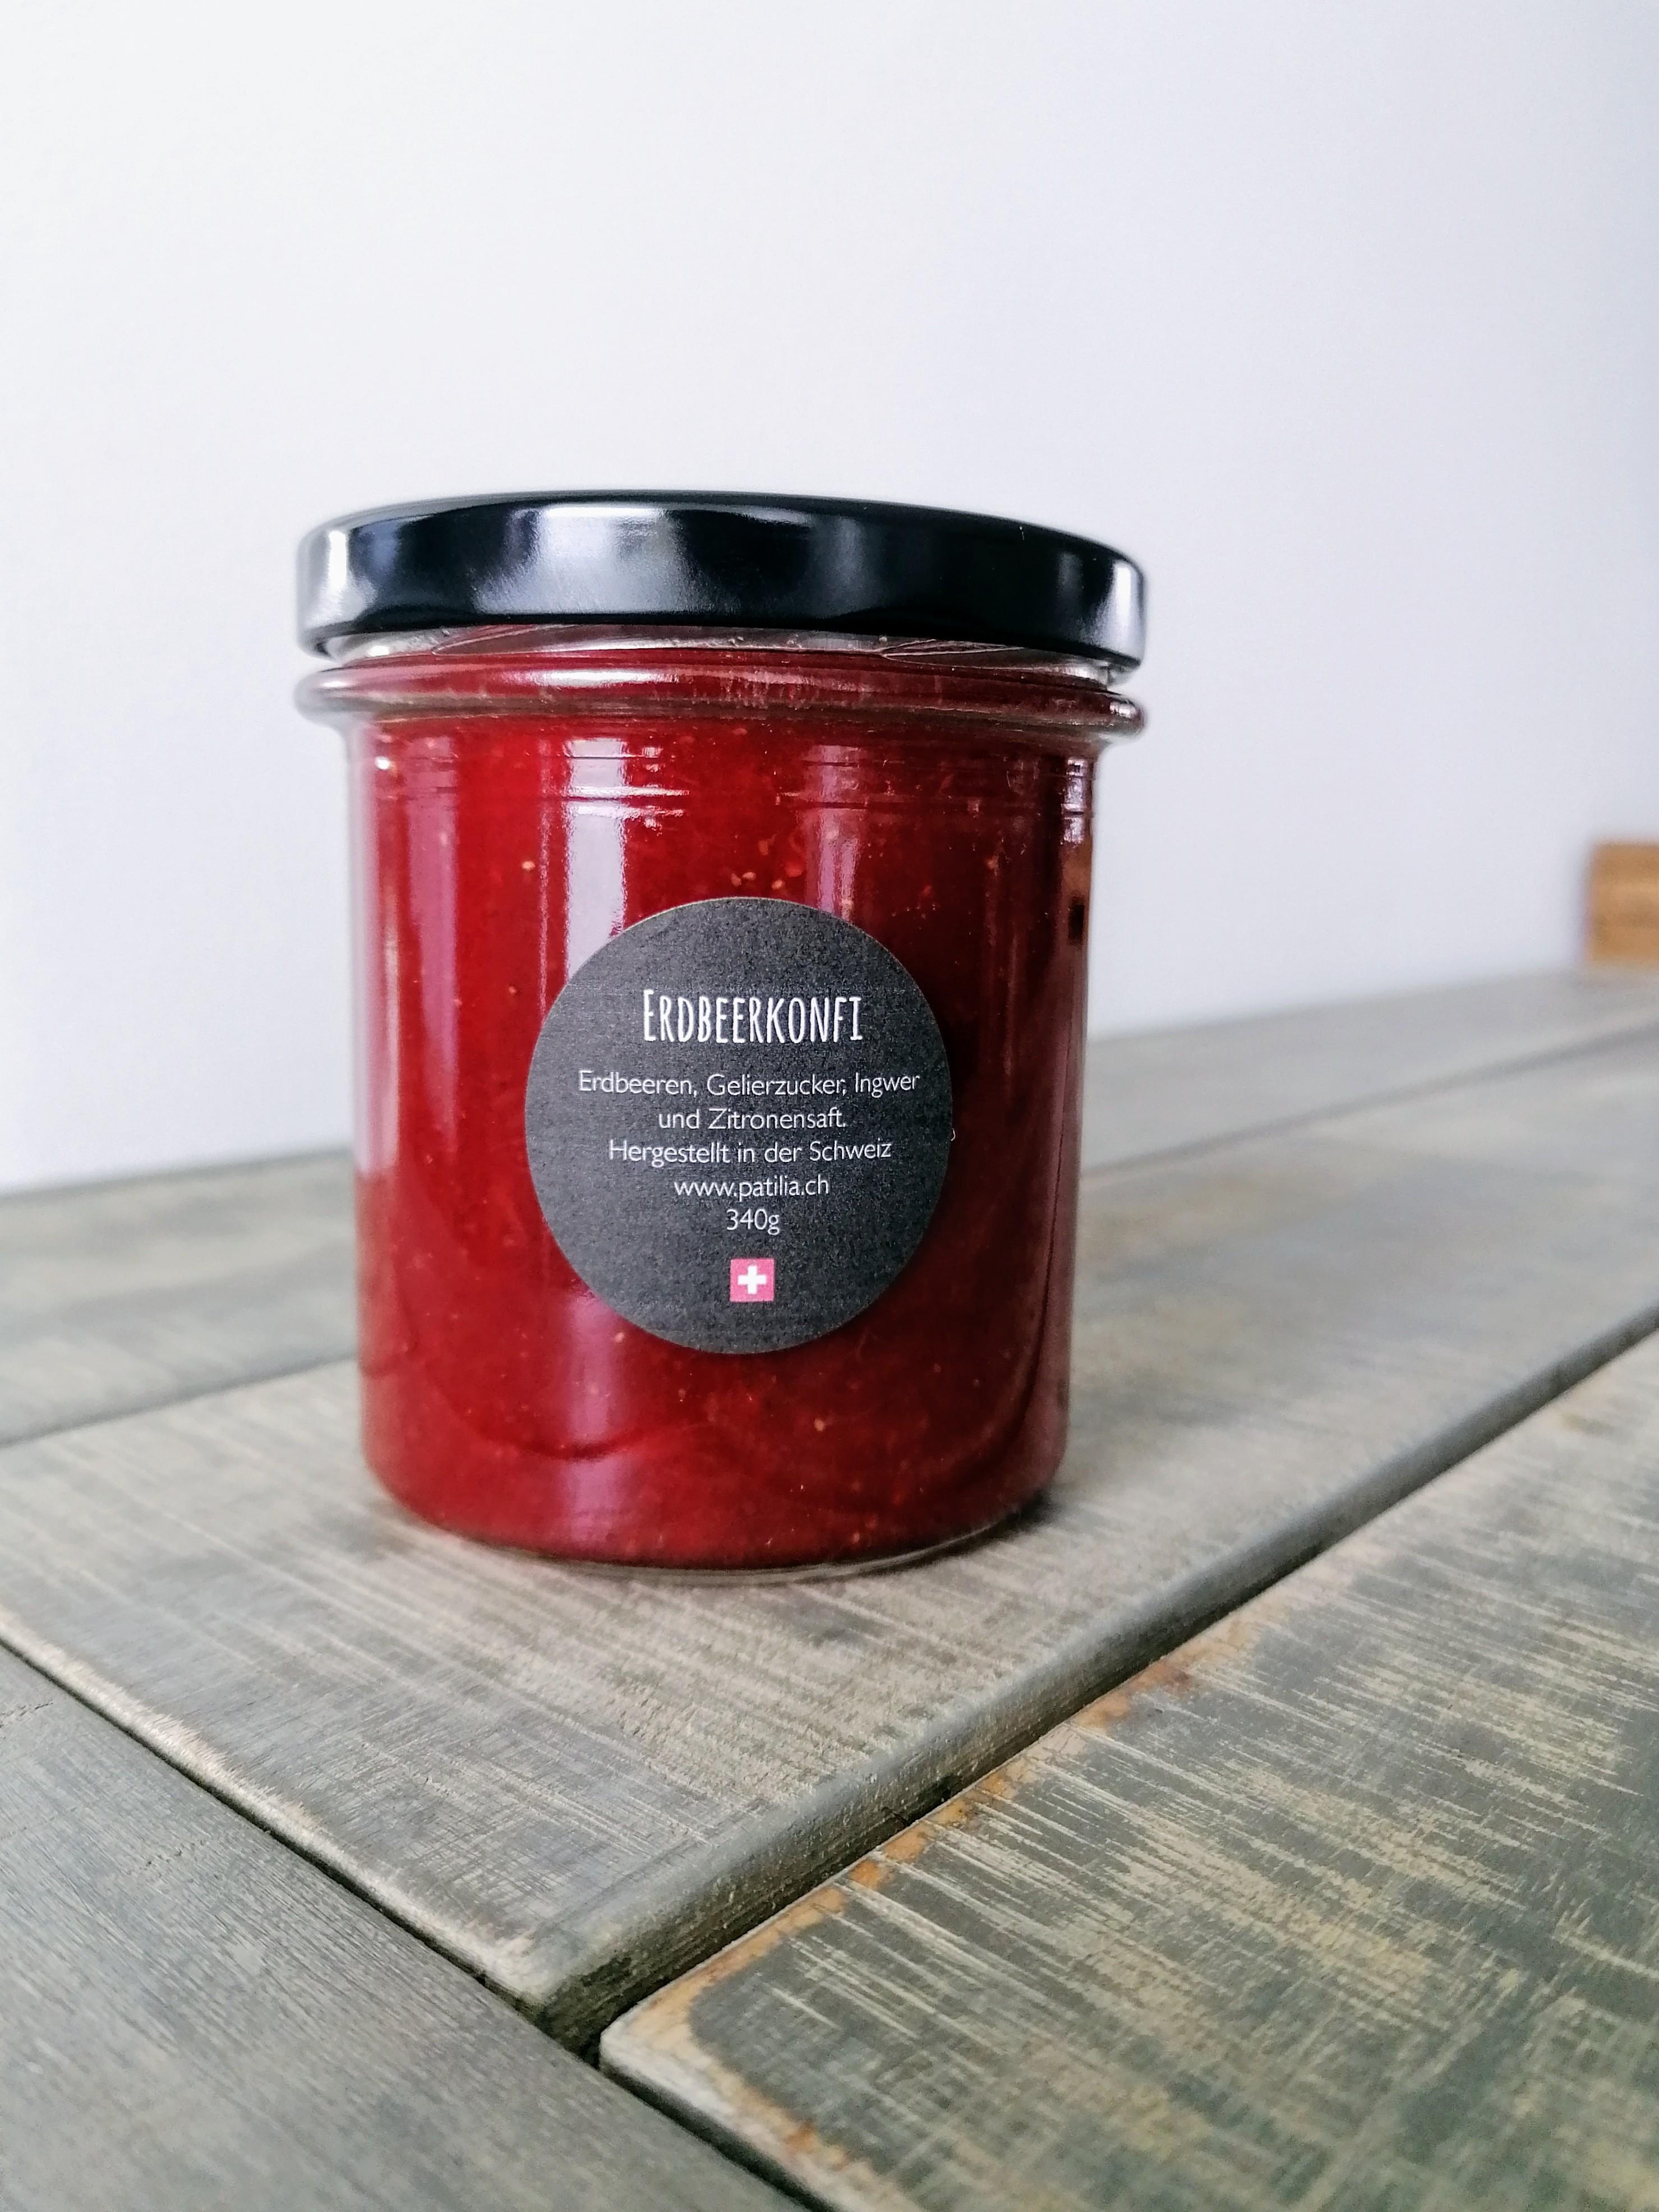 Erdbeerkonfi